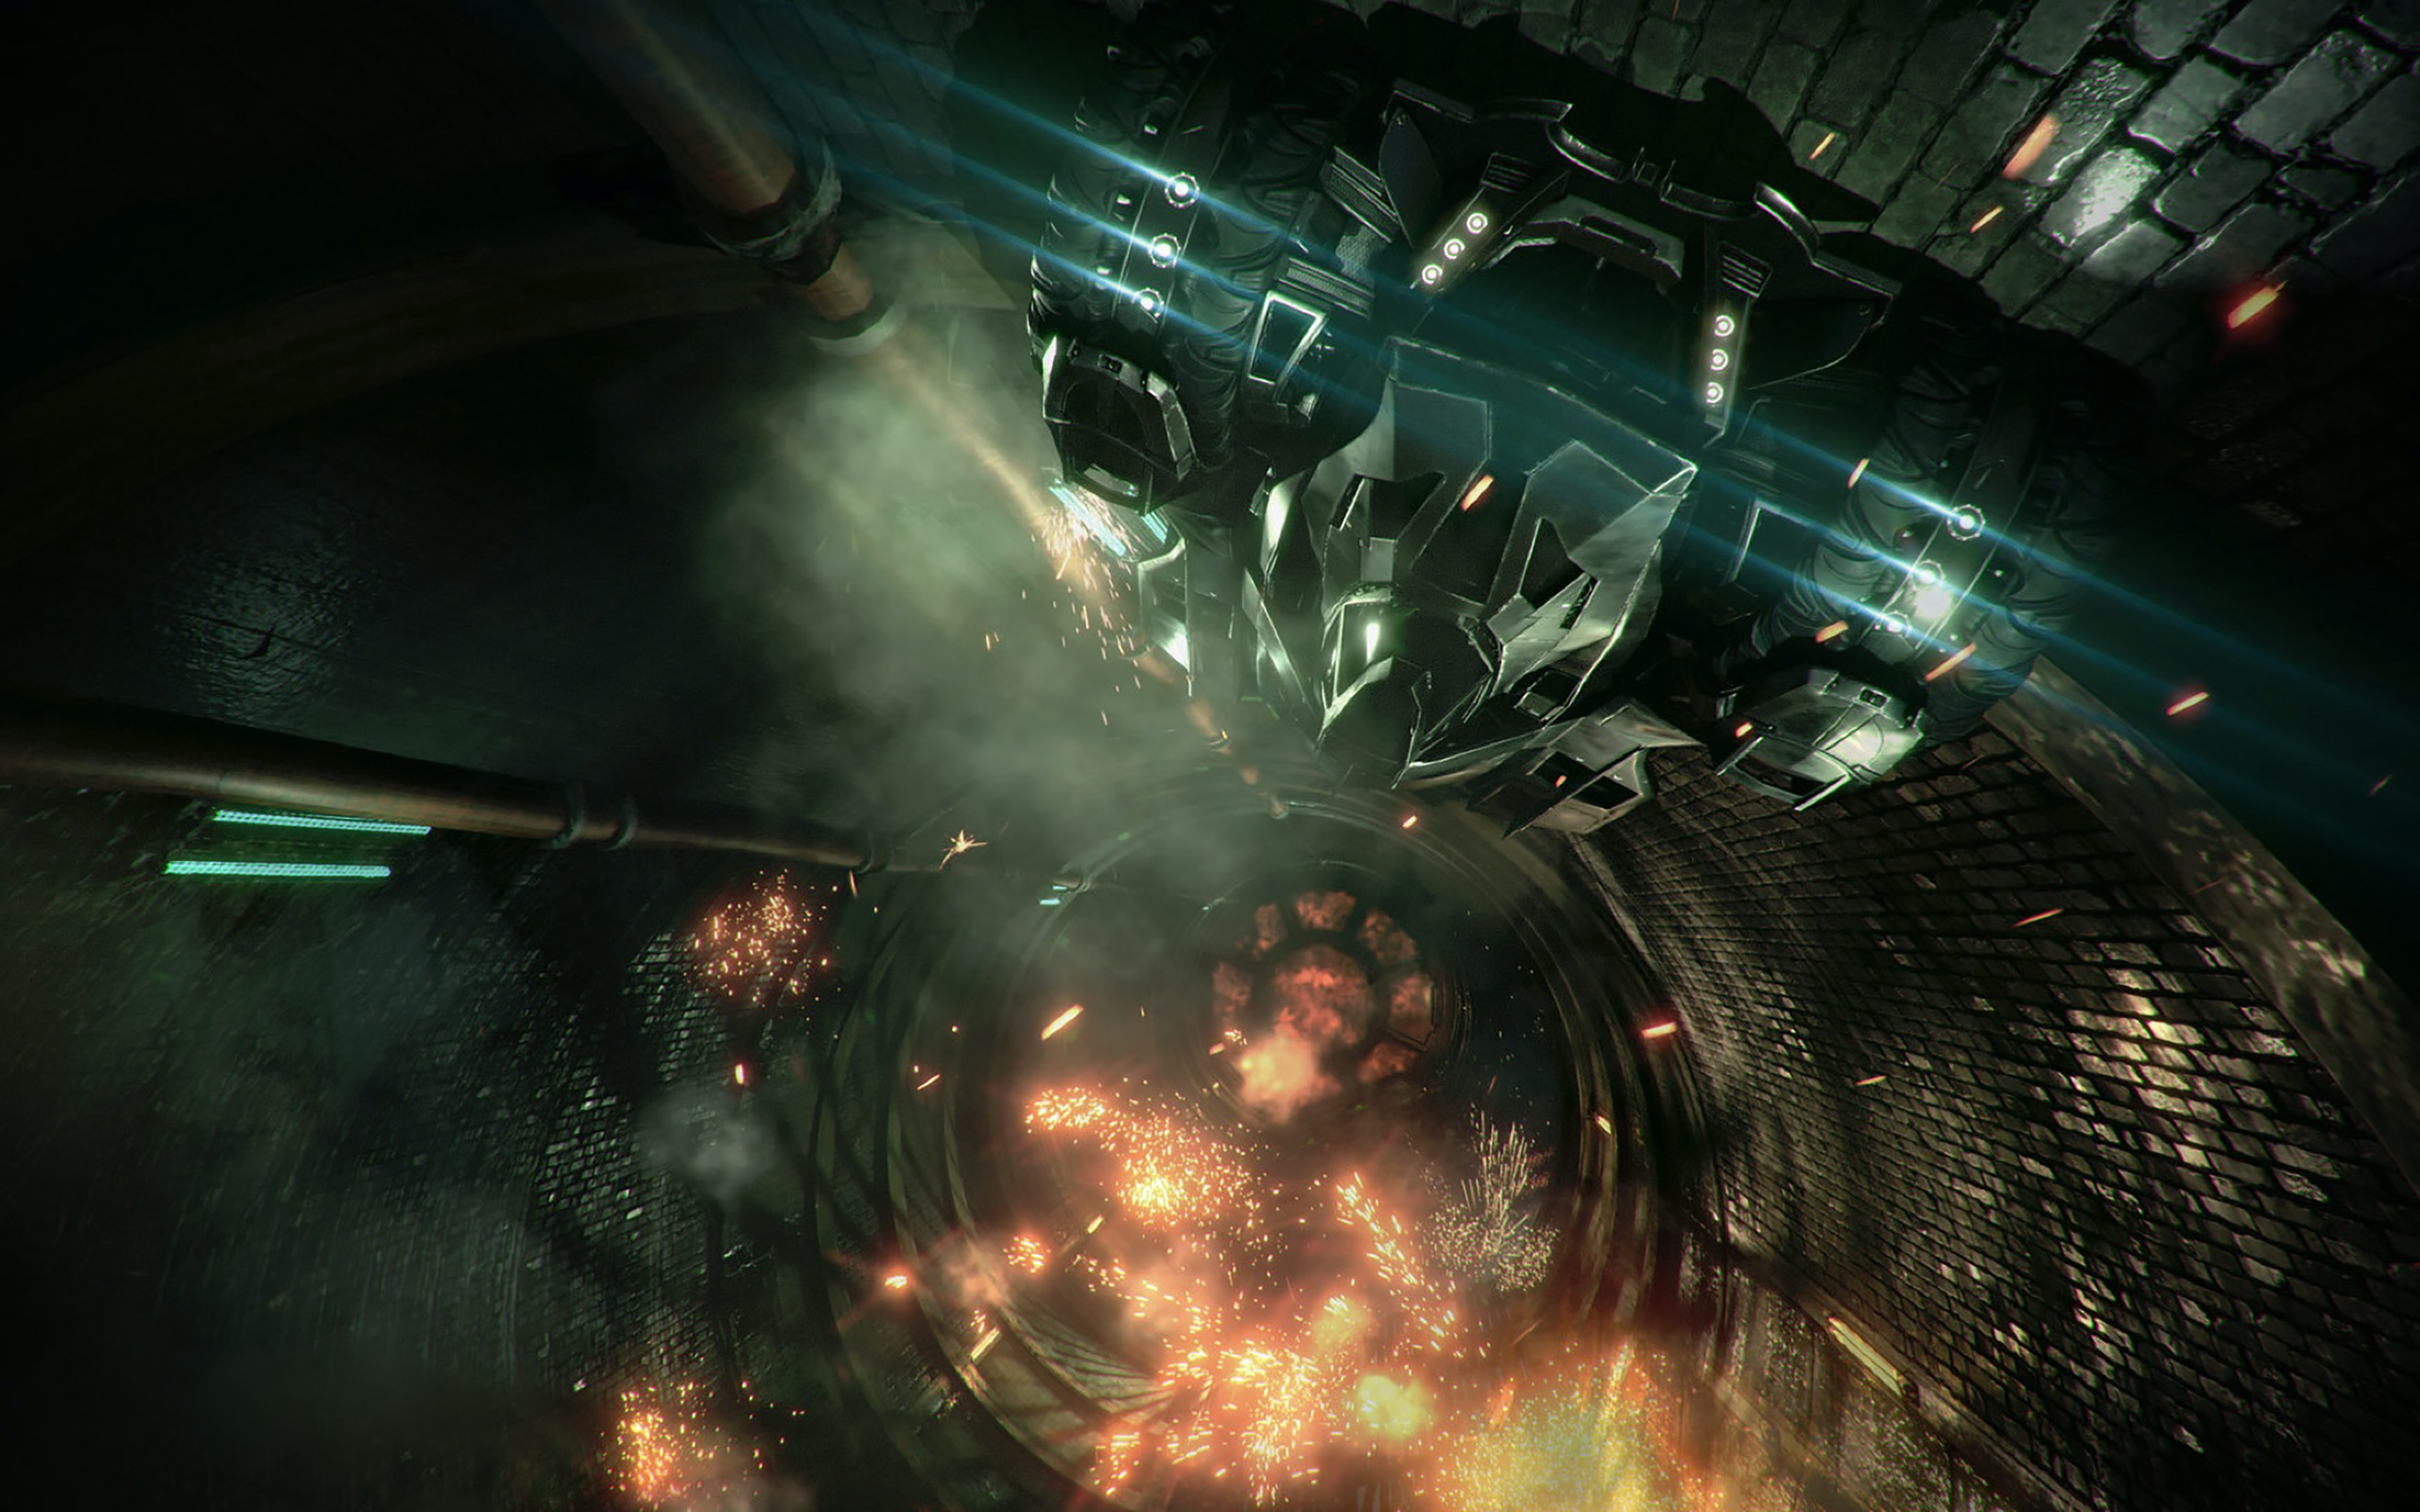 Die Fahrten mit dem Batmobil sind zum Teil spektakulär in Szene gesetzt.